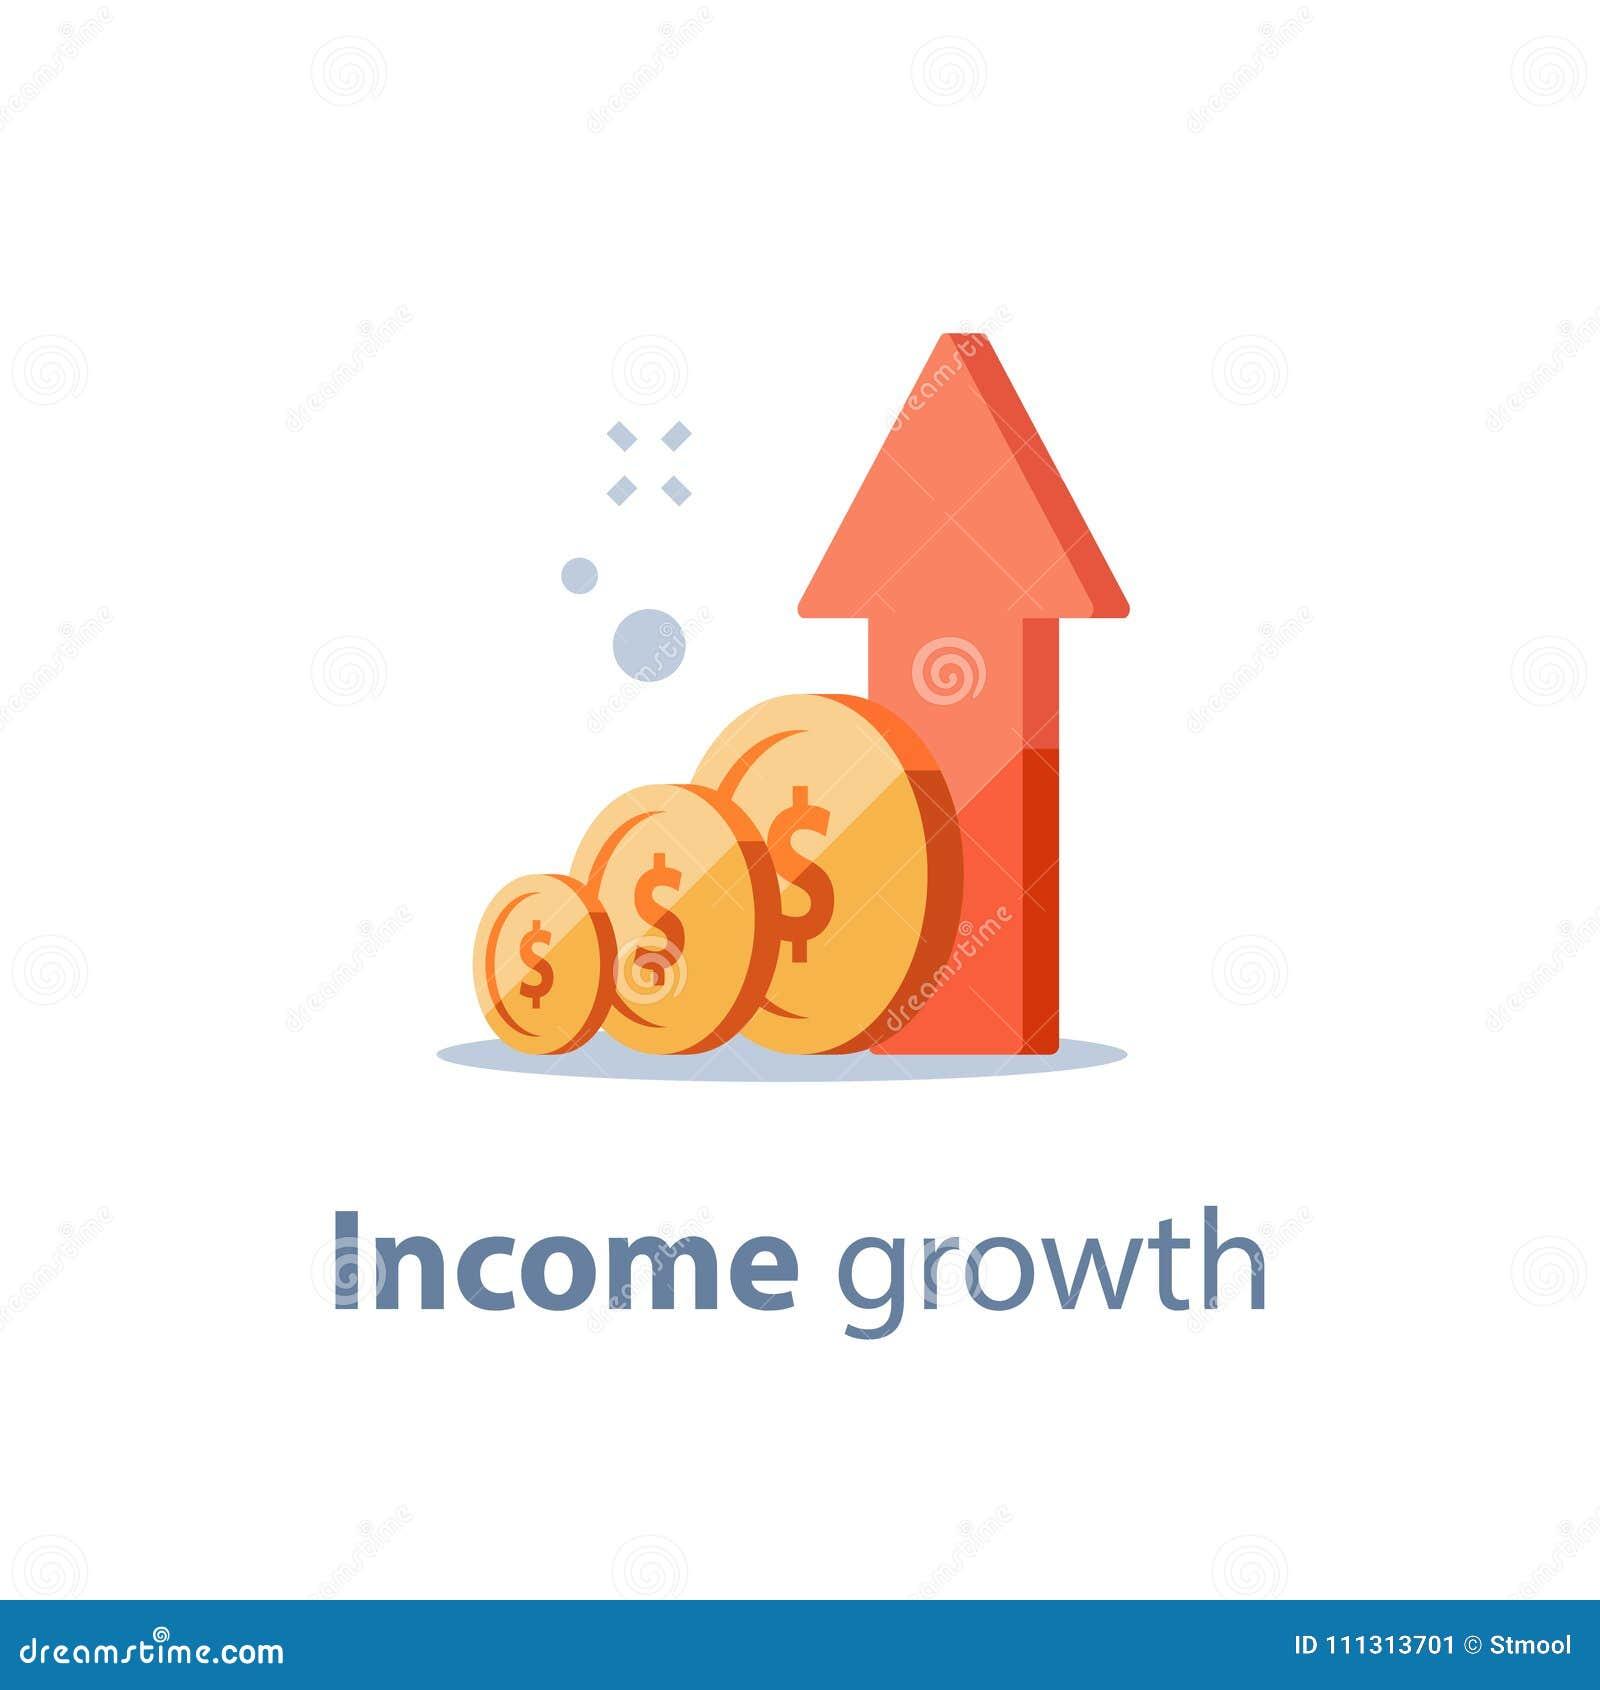 El tipo de interés alto, largo plazo que invierte la estrategia, crecimiento de la renta, impulsa los ingresos del negocio, obten